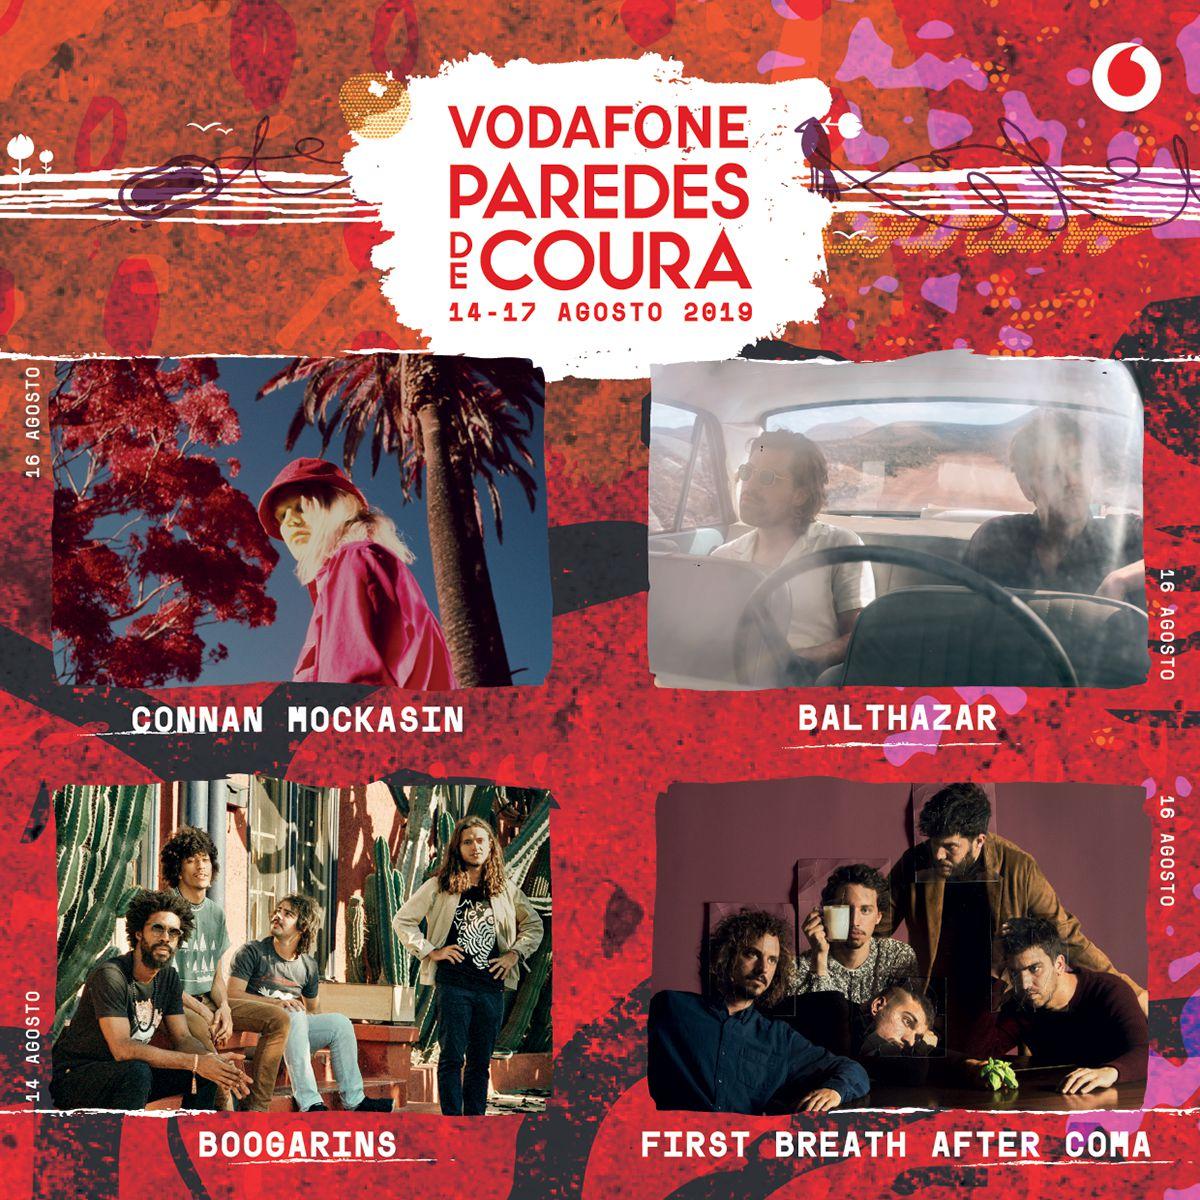 Connan Mockasin, Balthazar, Boogarins e First Breath After Coma confirmados no Vodafone Paredes de Coura